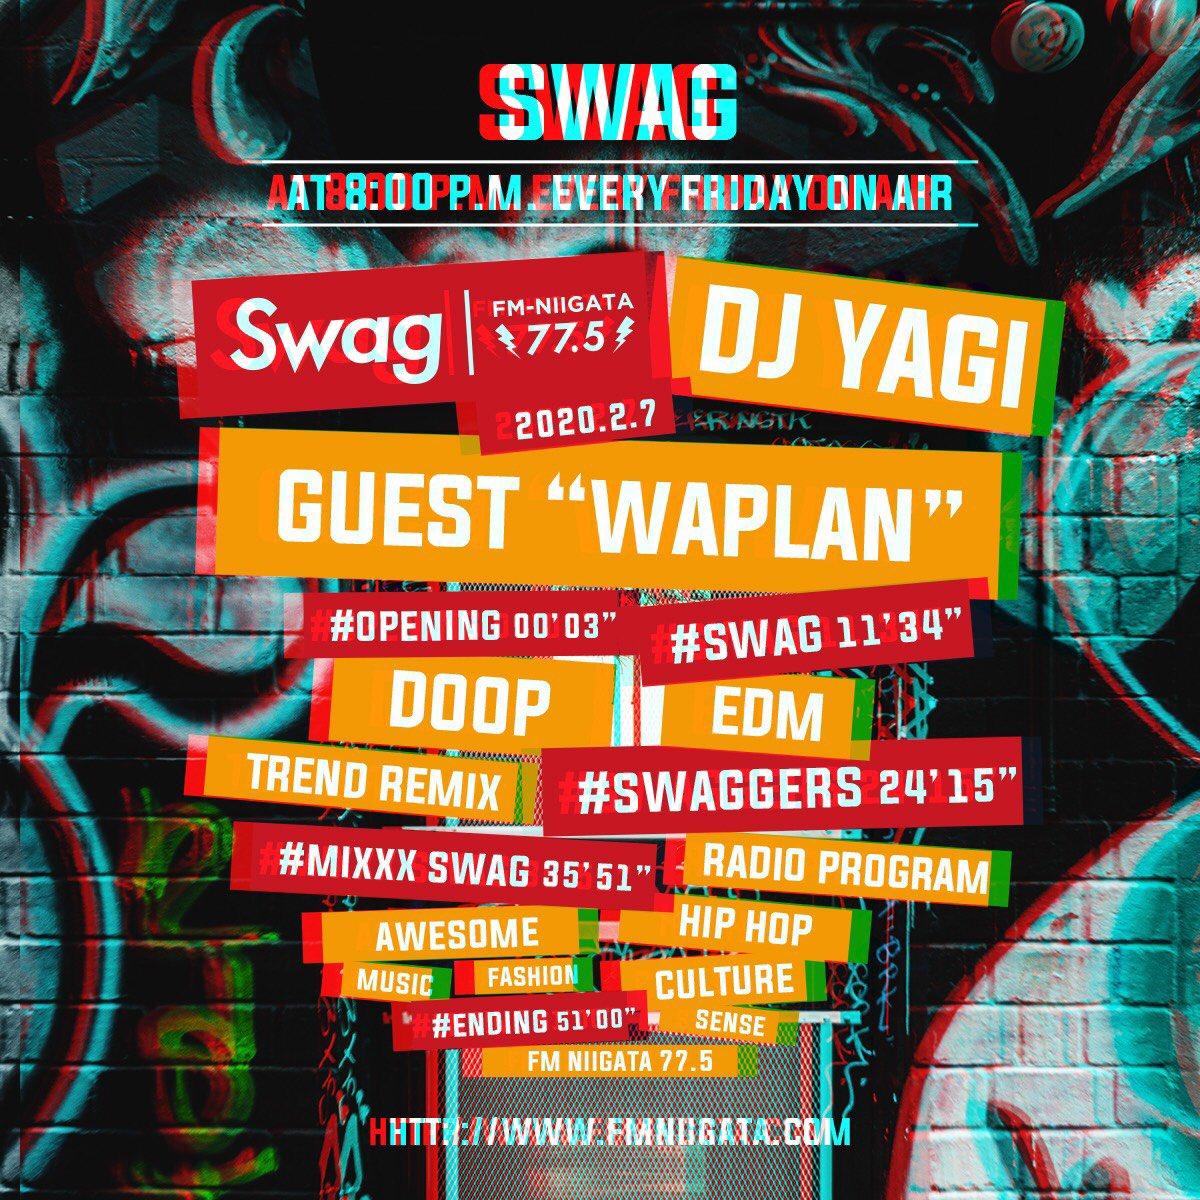 Radio on air today🥳『Swag』今夜8時からOA02.07Swag #096GUESTWAPLAN@waplanmusic 先行配信予約開始しました🤩📲✨feat.にBTSのアルバム「MAP OF THE SOUL : PERSONA」に収録された「HOME」をプロデュースしたシンガーソングライターを客演に迎えた新曲をOA😍